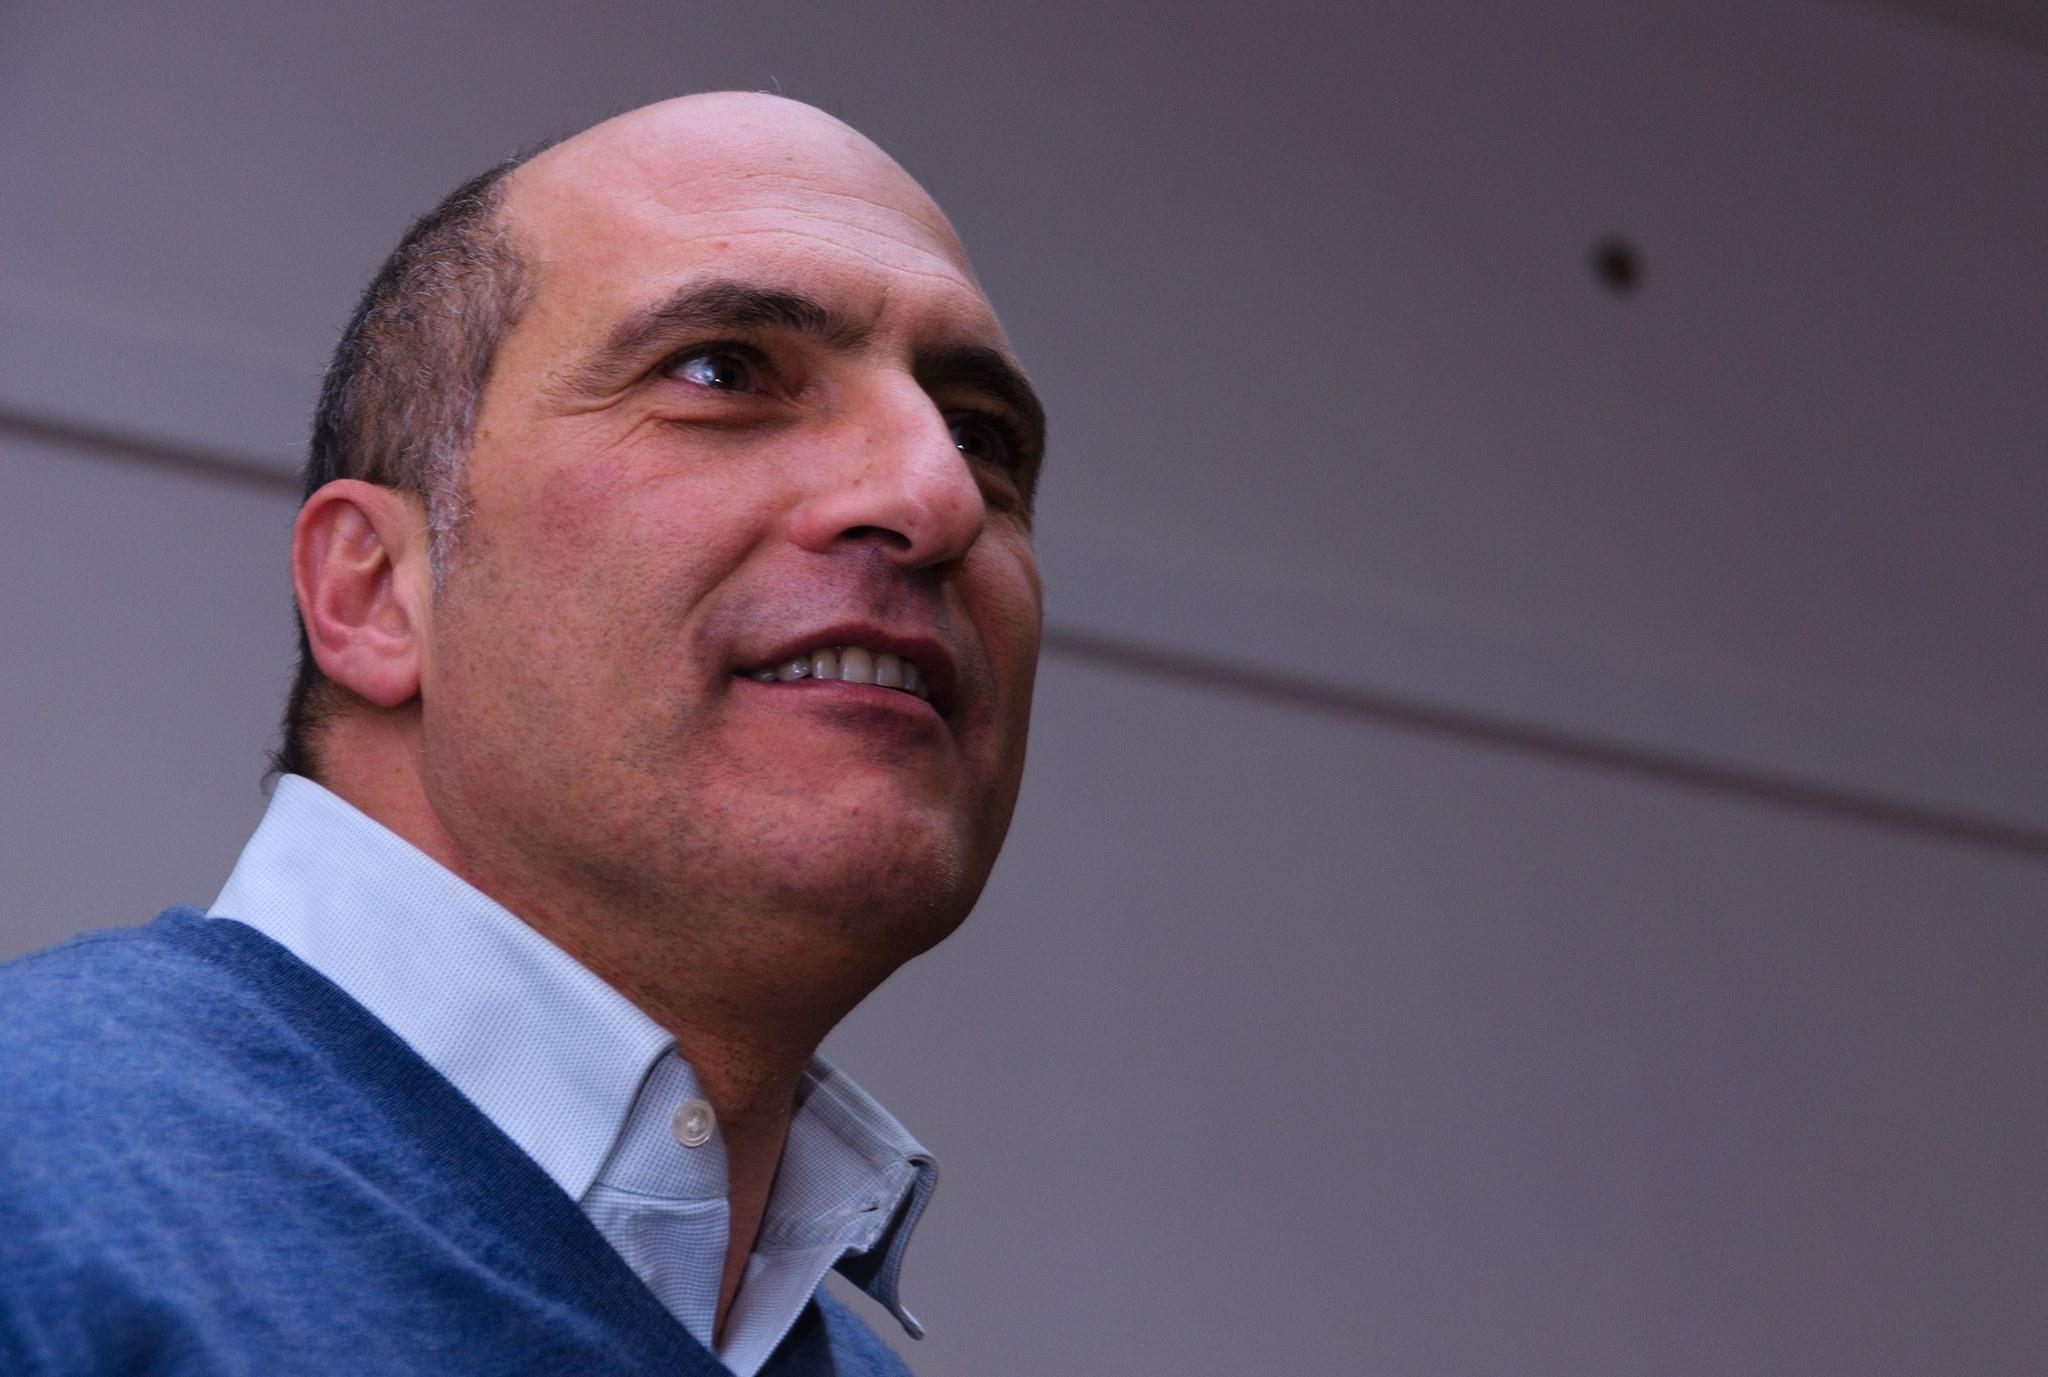 Primarie, spuntano i nomi di Cozzolino e Ranieri, ma si attende il candidato renziano doc